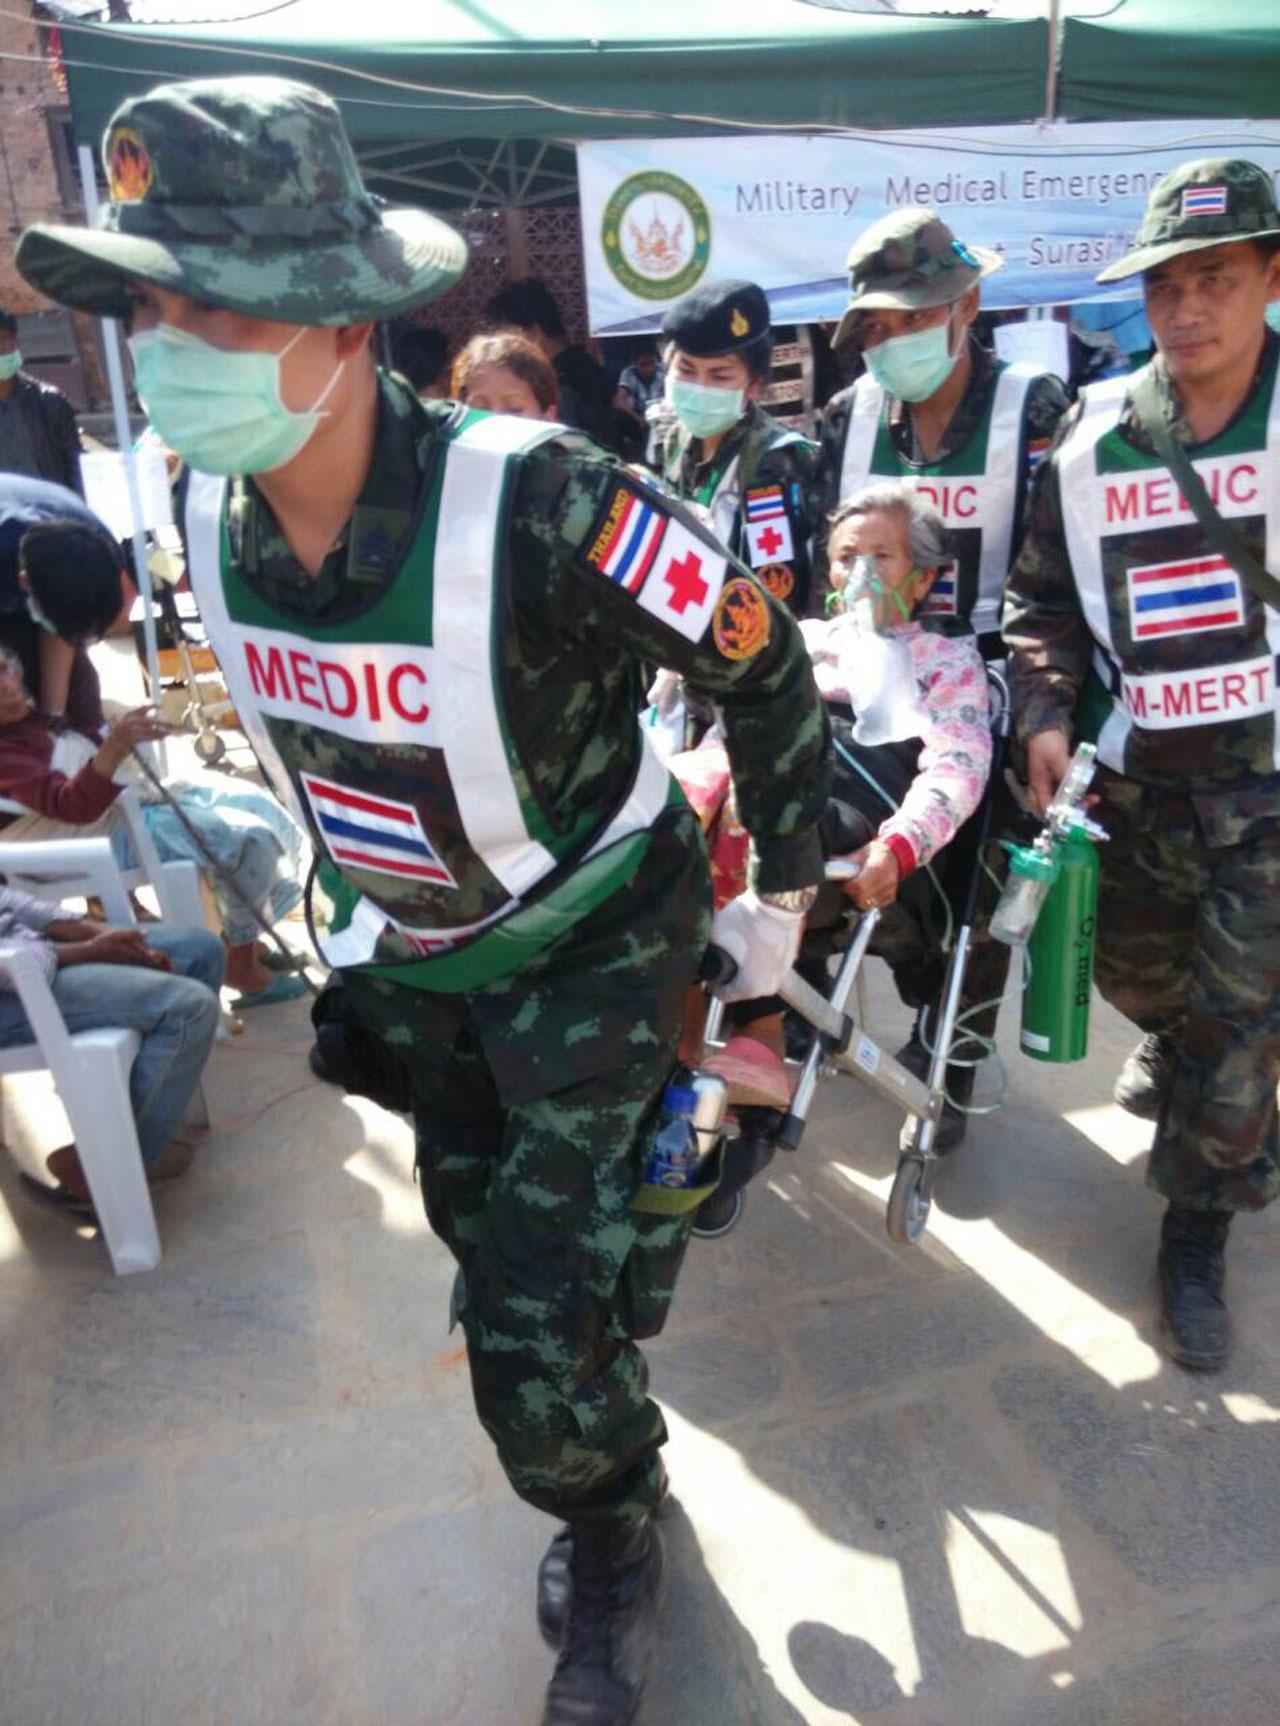 ทหารไทยโดยหน่วยแพทย์ เข้าช่วยเหลือชาวเนปาล